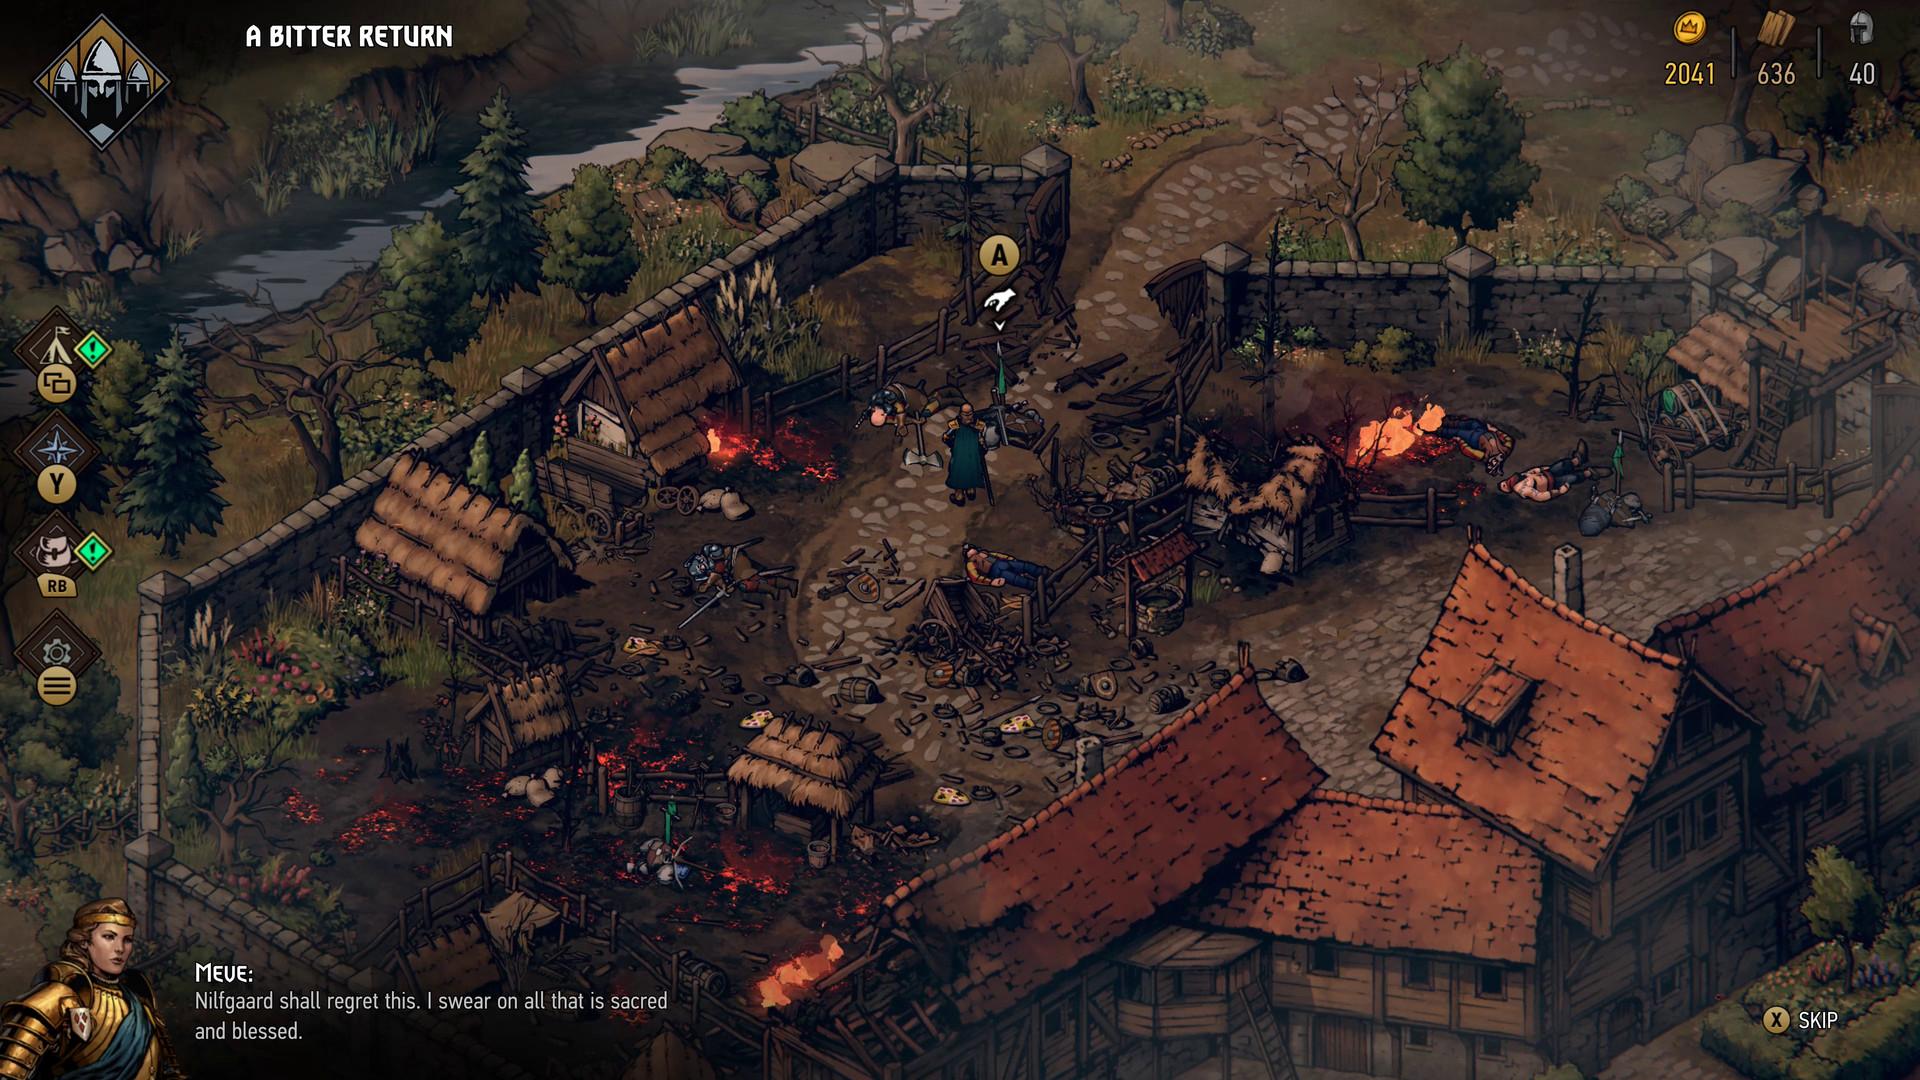 Thronebreaker: The Witcher Tales выйдет на Android 17 июня  первые несколько часов игры будут бесплатными